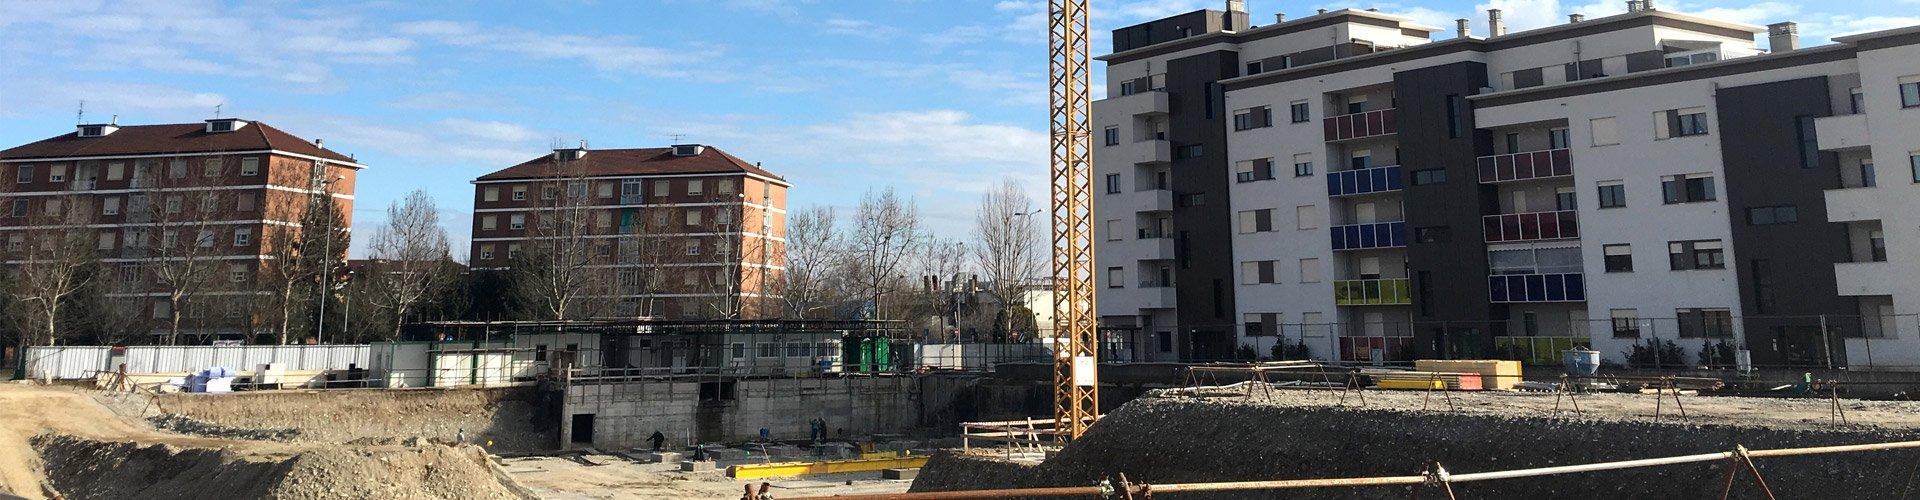 Riparte il Cantiere Torre Lesna appartmenti Grugliasco Torino